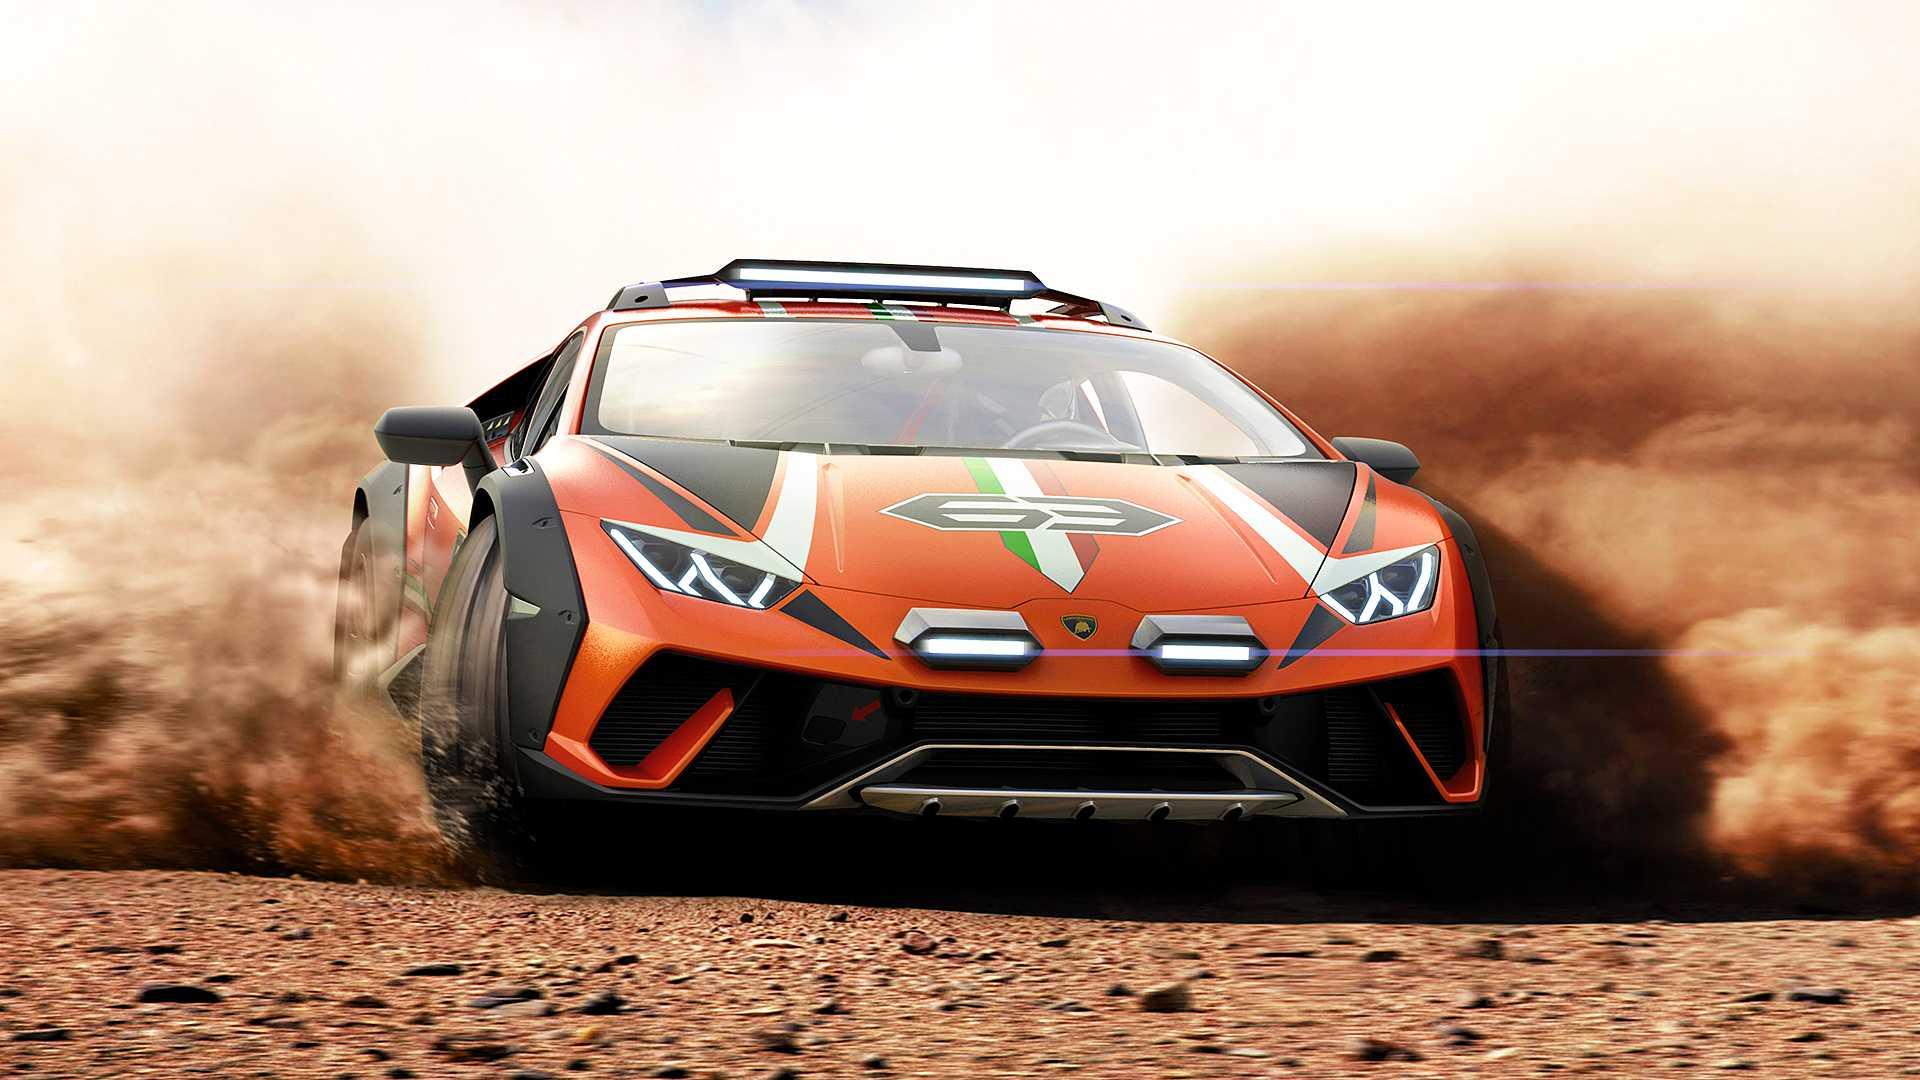 Компания «Ламборджини» представила концептуальный Huracan Sterrato – помесь суперкара и кроссовера «Урус»